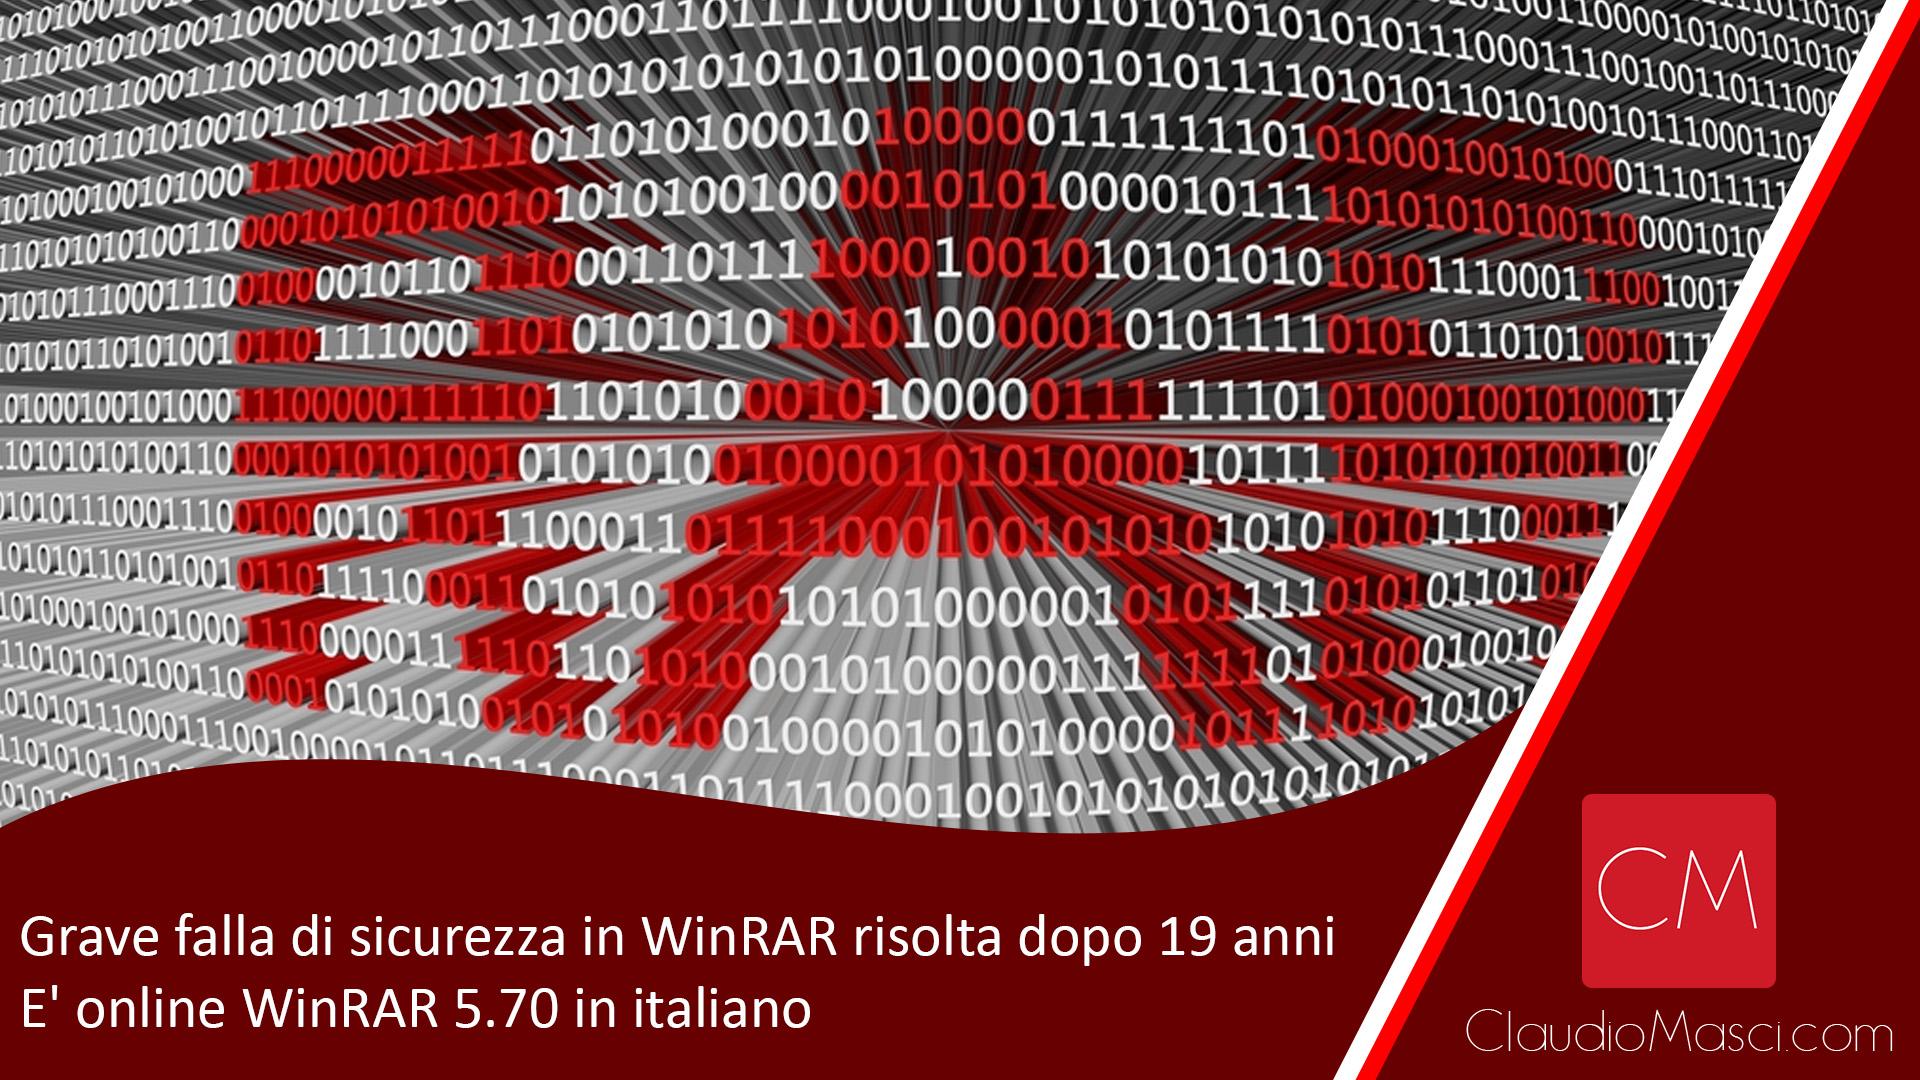 Grave falla di sicurezza in WinRAR risolta dopo 19 anni – E' online WinRAR 5.70 in italiano